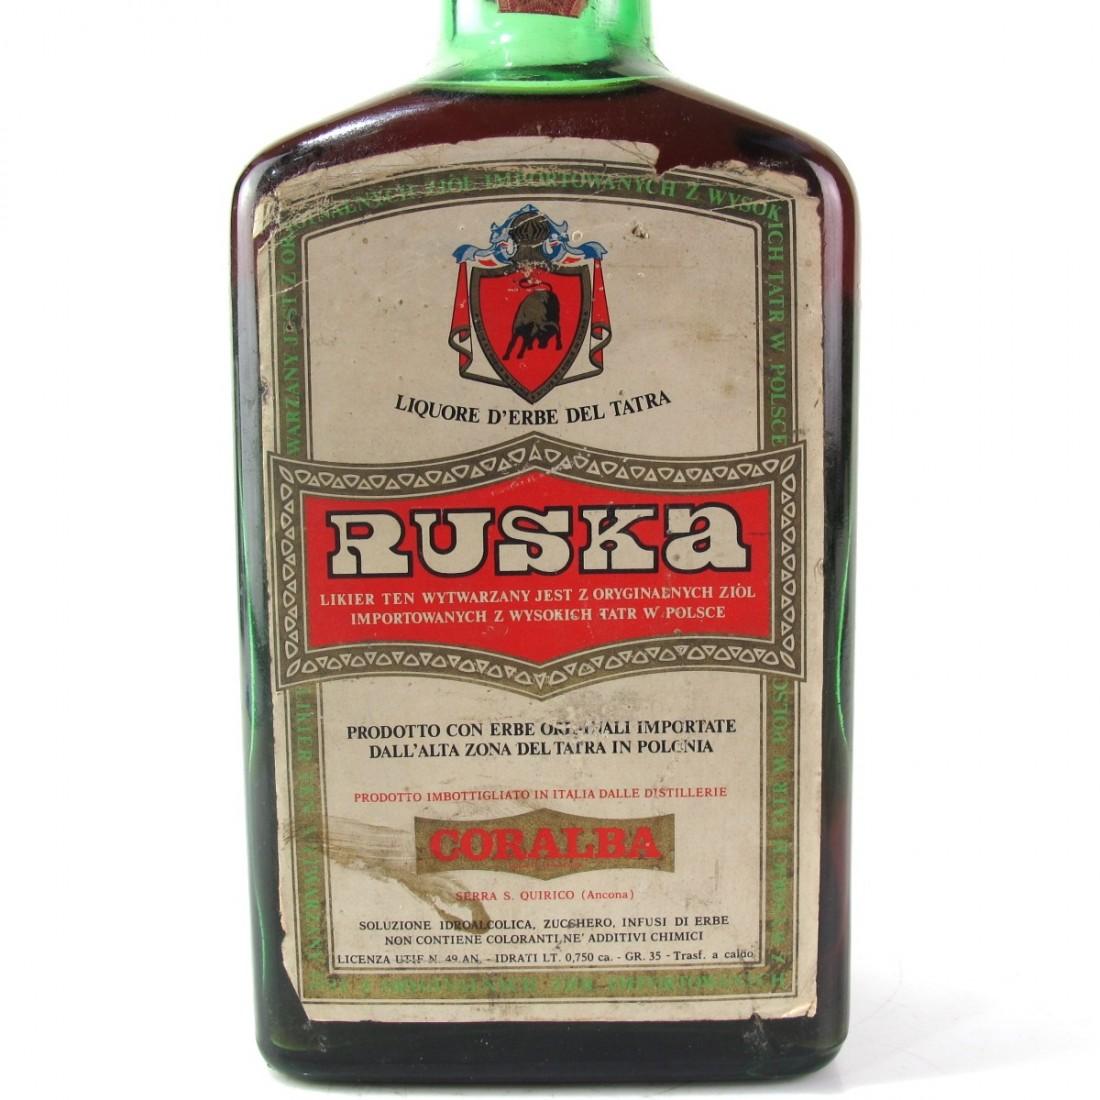 Coralba Ruska Liquore d'Erbe del Tatra 1970s